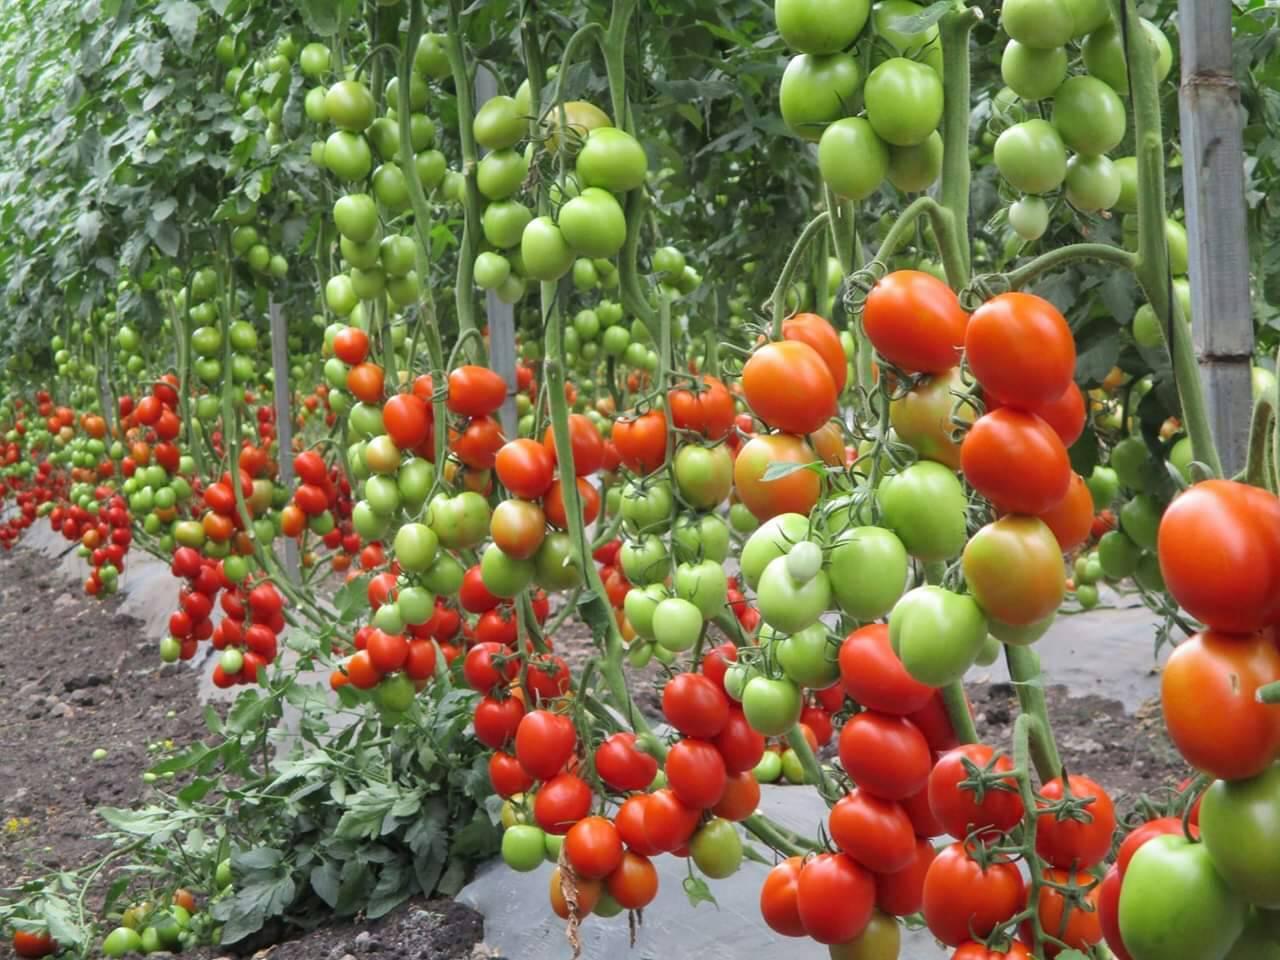 pemanenan dan pemetikan buah tomat